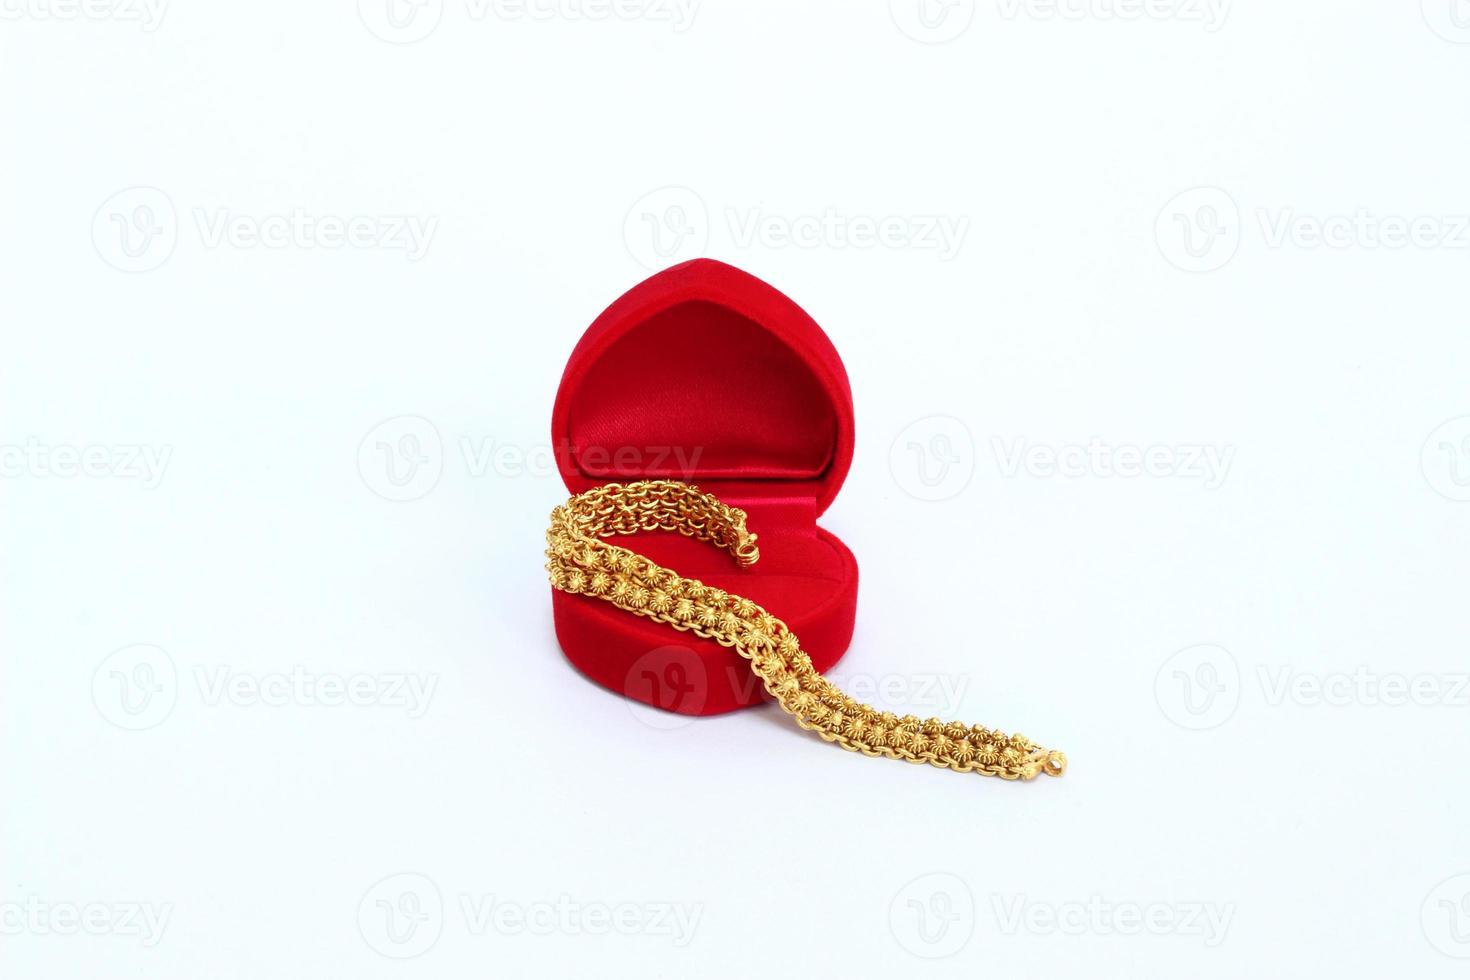 pulseira de ouro com caixa de veludo vermelho foto